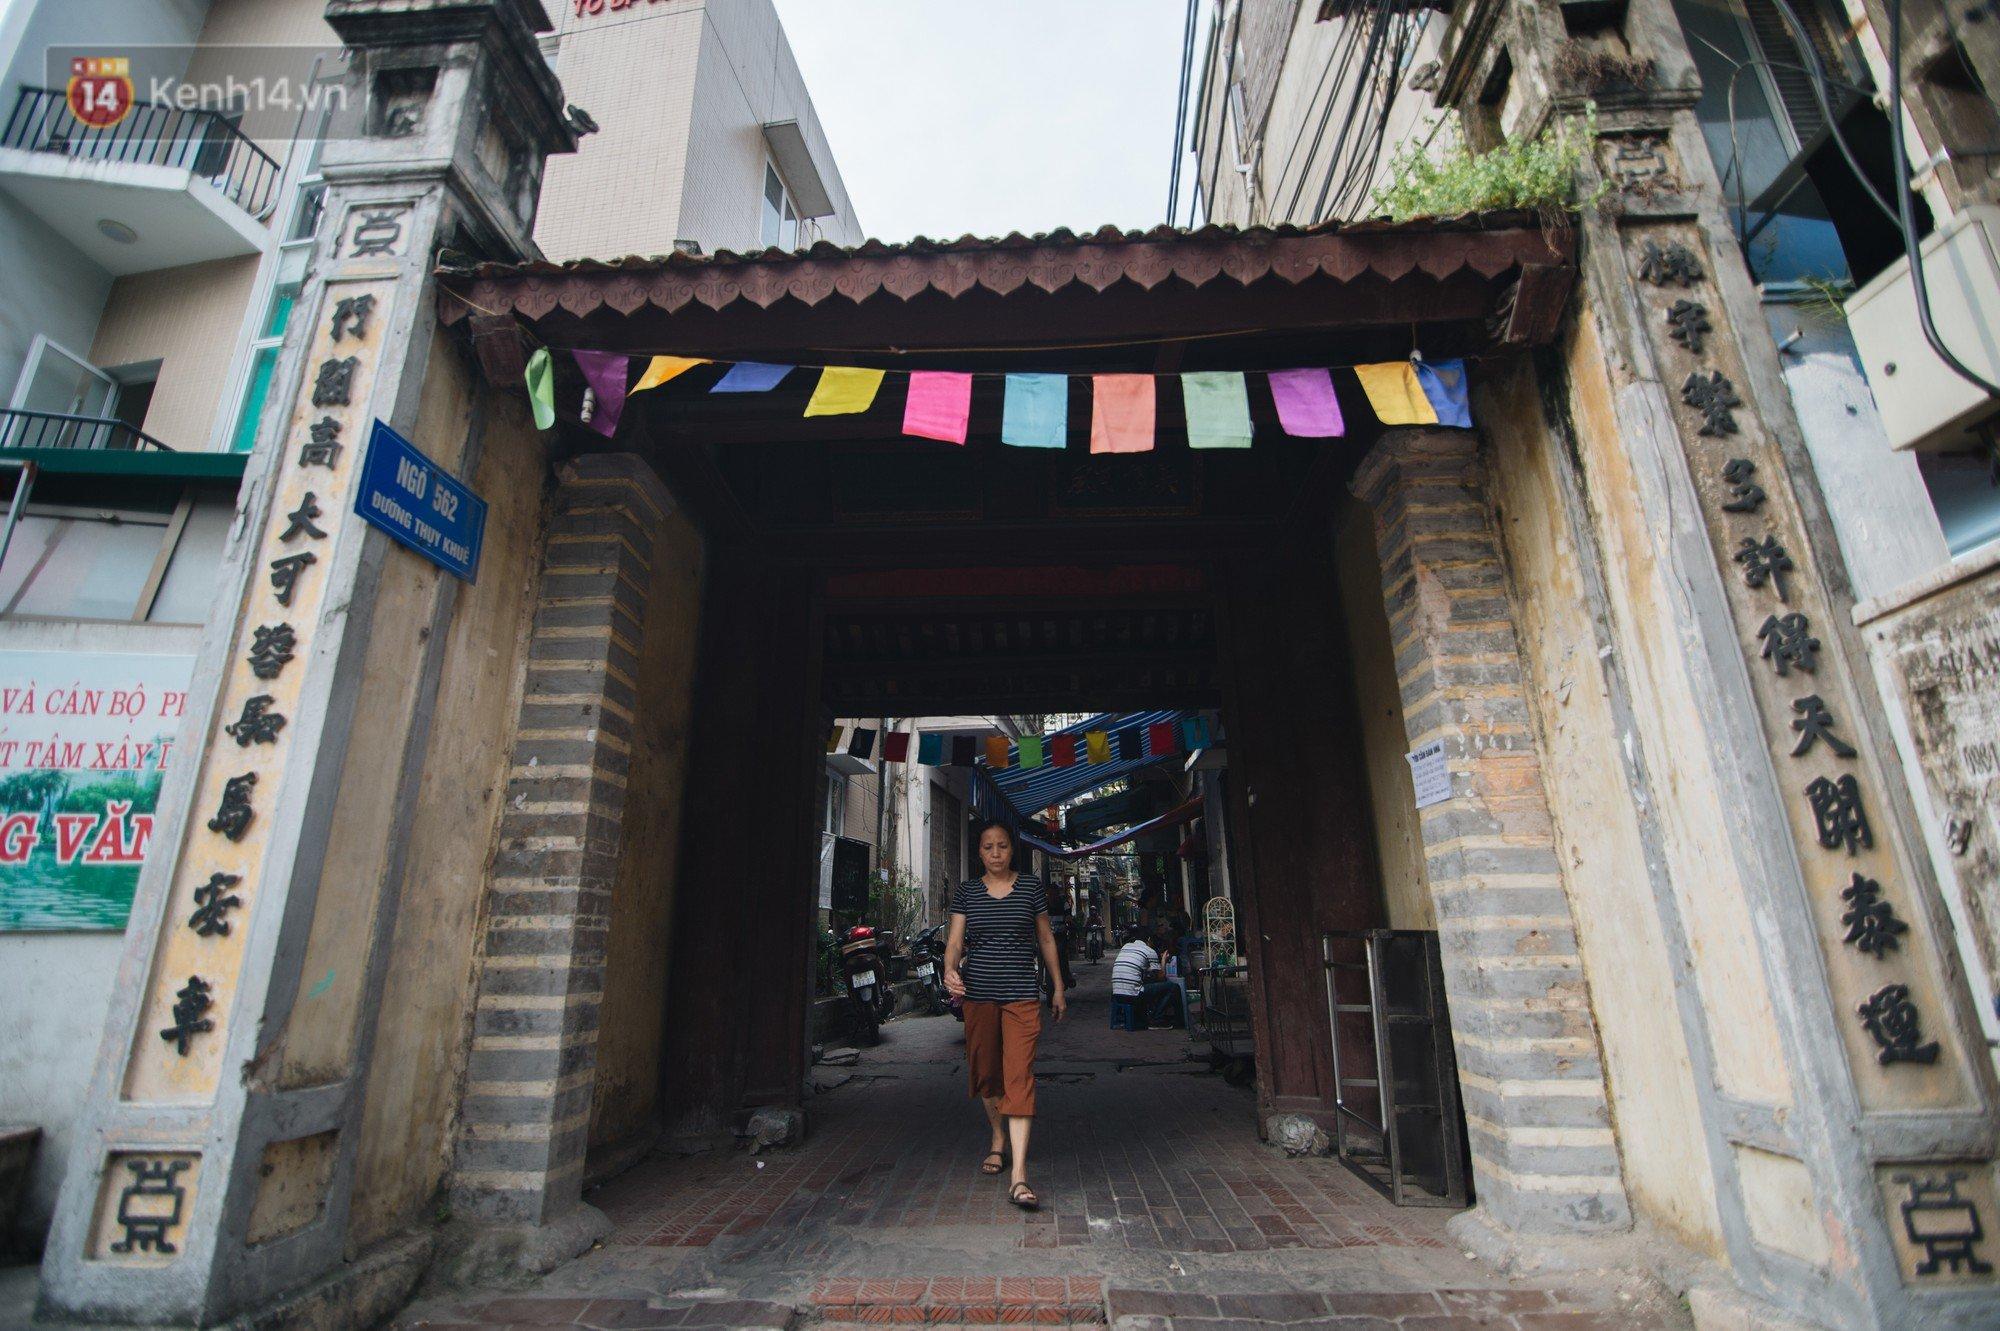 Chuyện về một con phố có nhiều cổng làng nhất Hà Nội: Đưa chân qua cổng phải tôn trọng nếp làng - Ảnh 1.